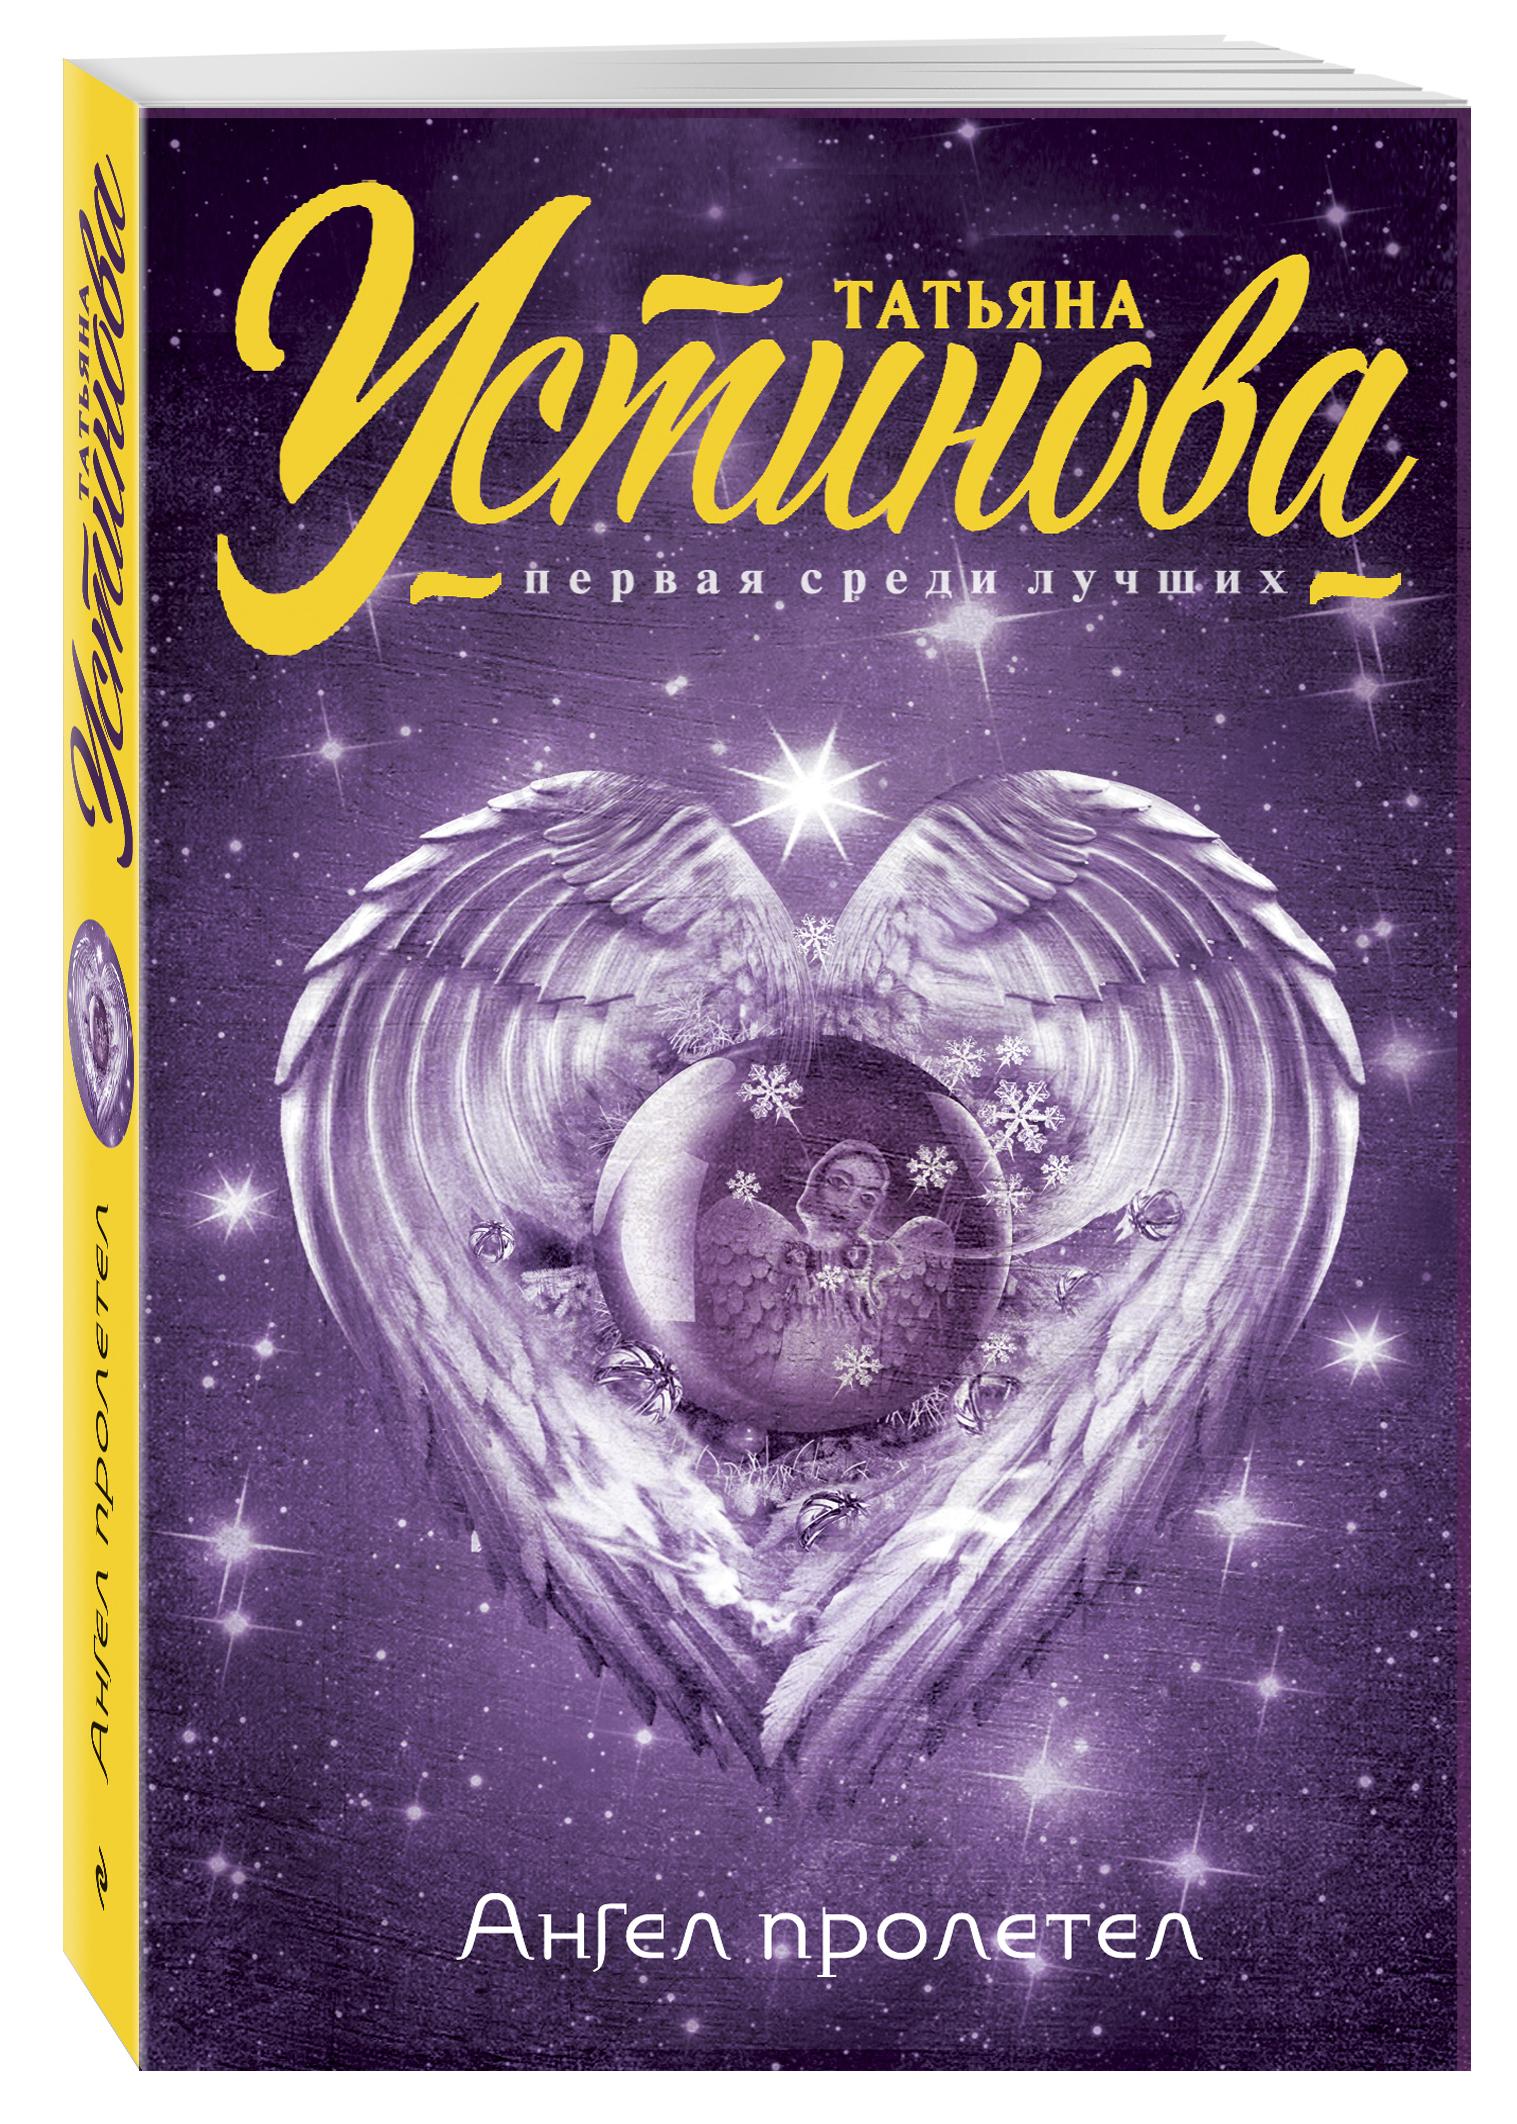 Татьяна Устинова Ангел пролетел анатолий малкин все ангелы живут здесь сборник